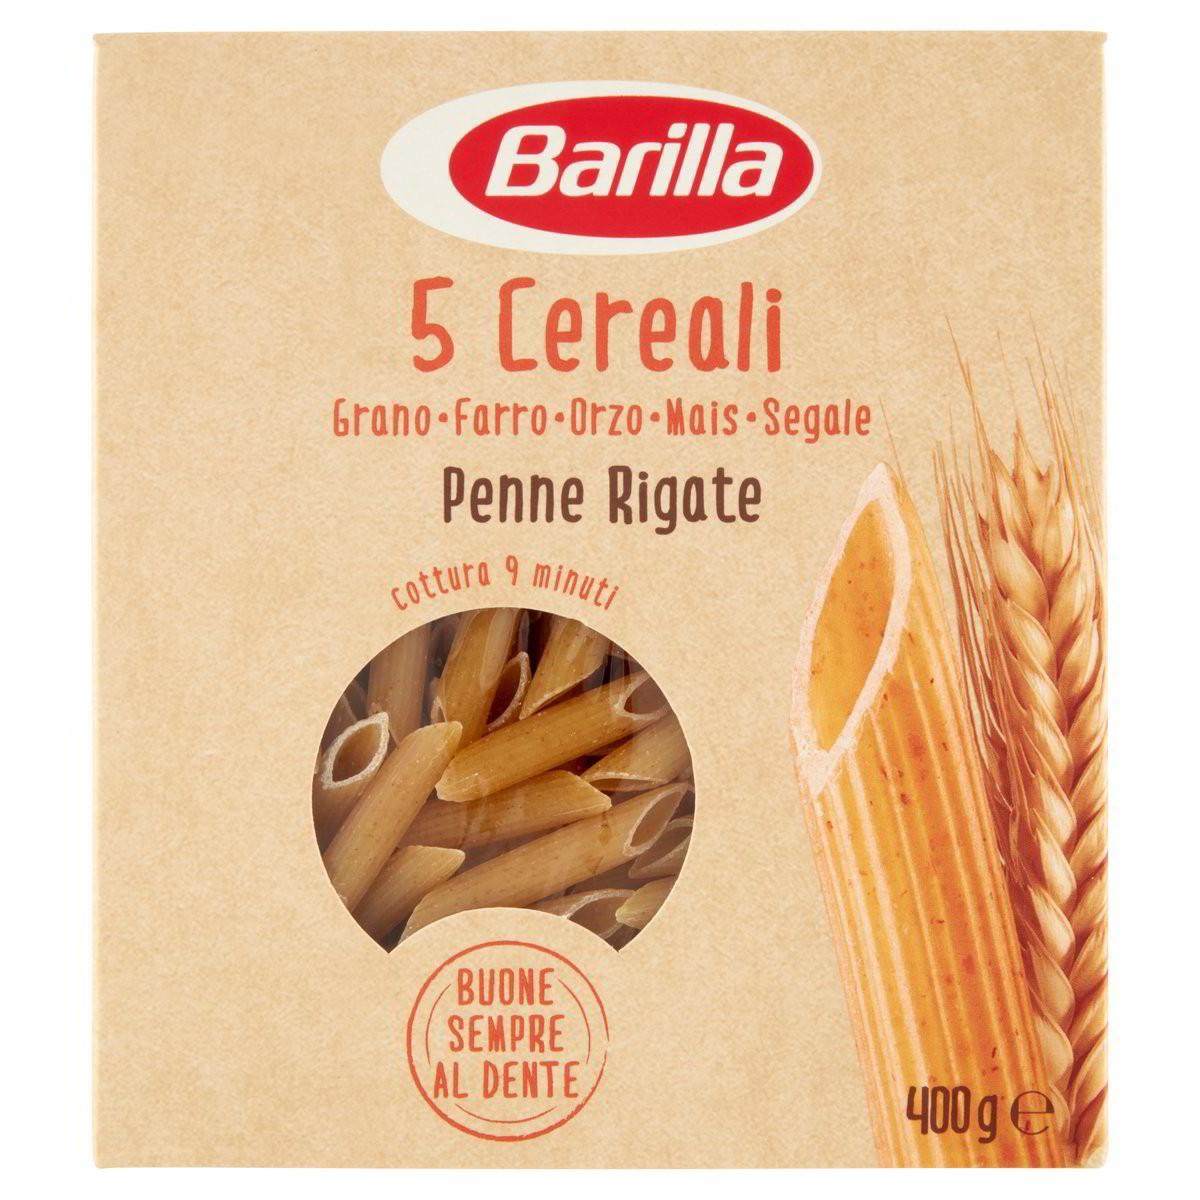 BARILLA Pennette rigate 5 Cereali